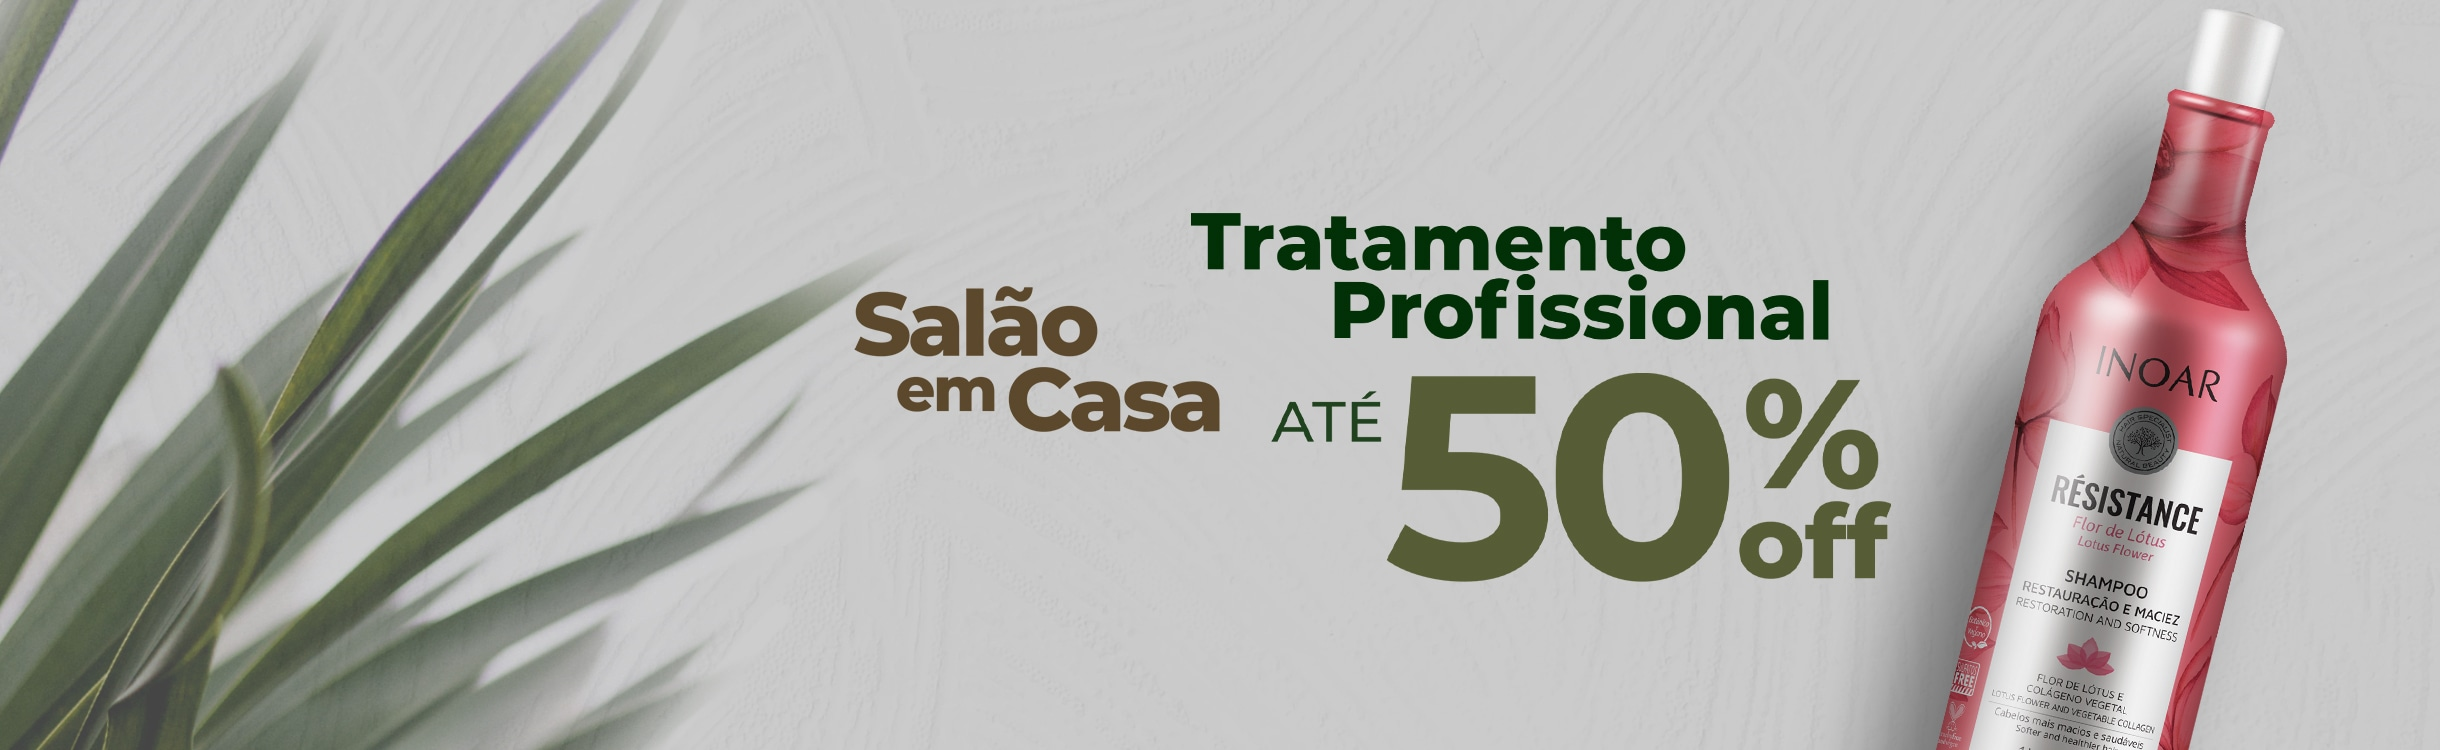 Tratamento Profissional até 50%OFF